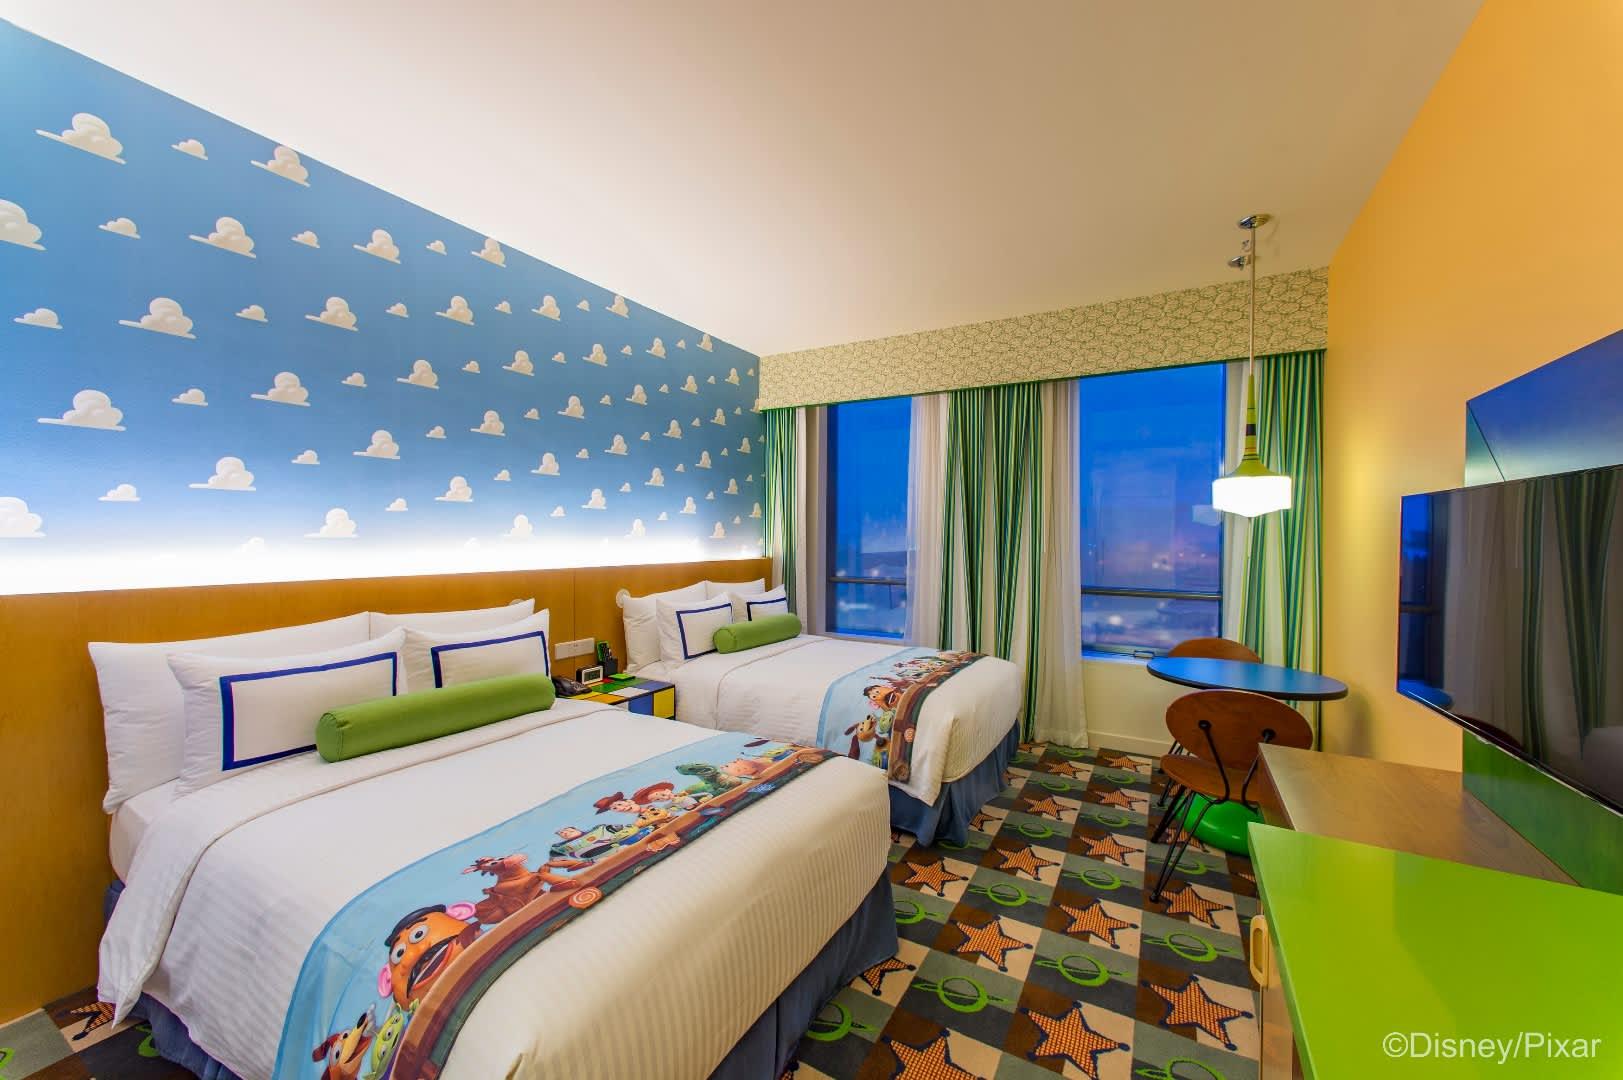 Akomodasi 3d2n Di Shanghai Disney Toy Story Hotel Dengan Sarapan